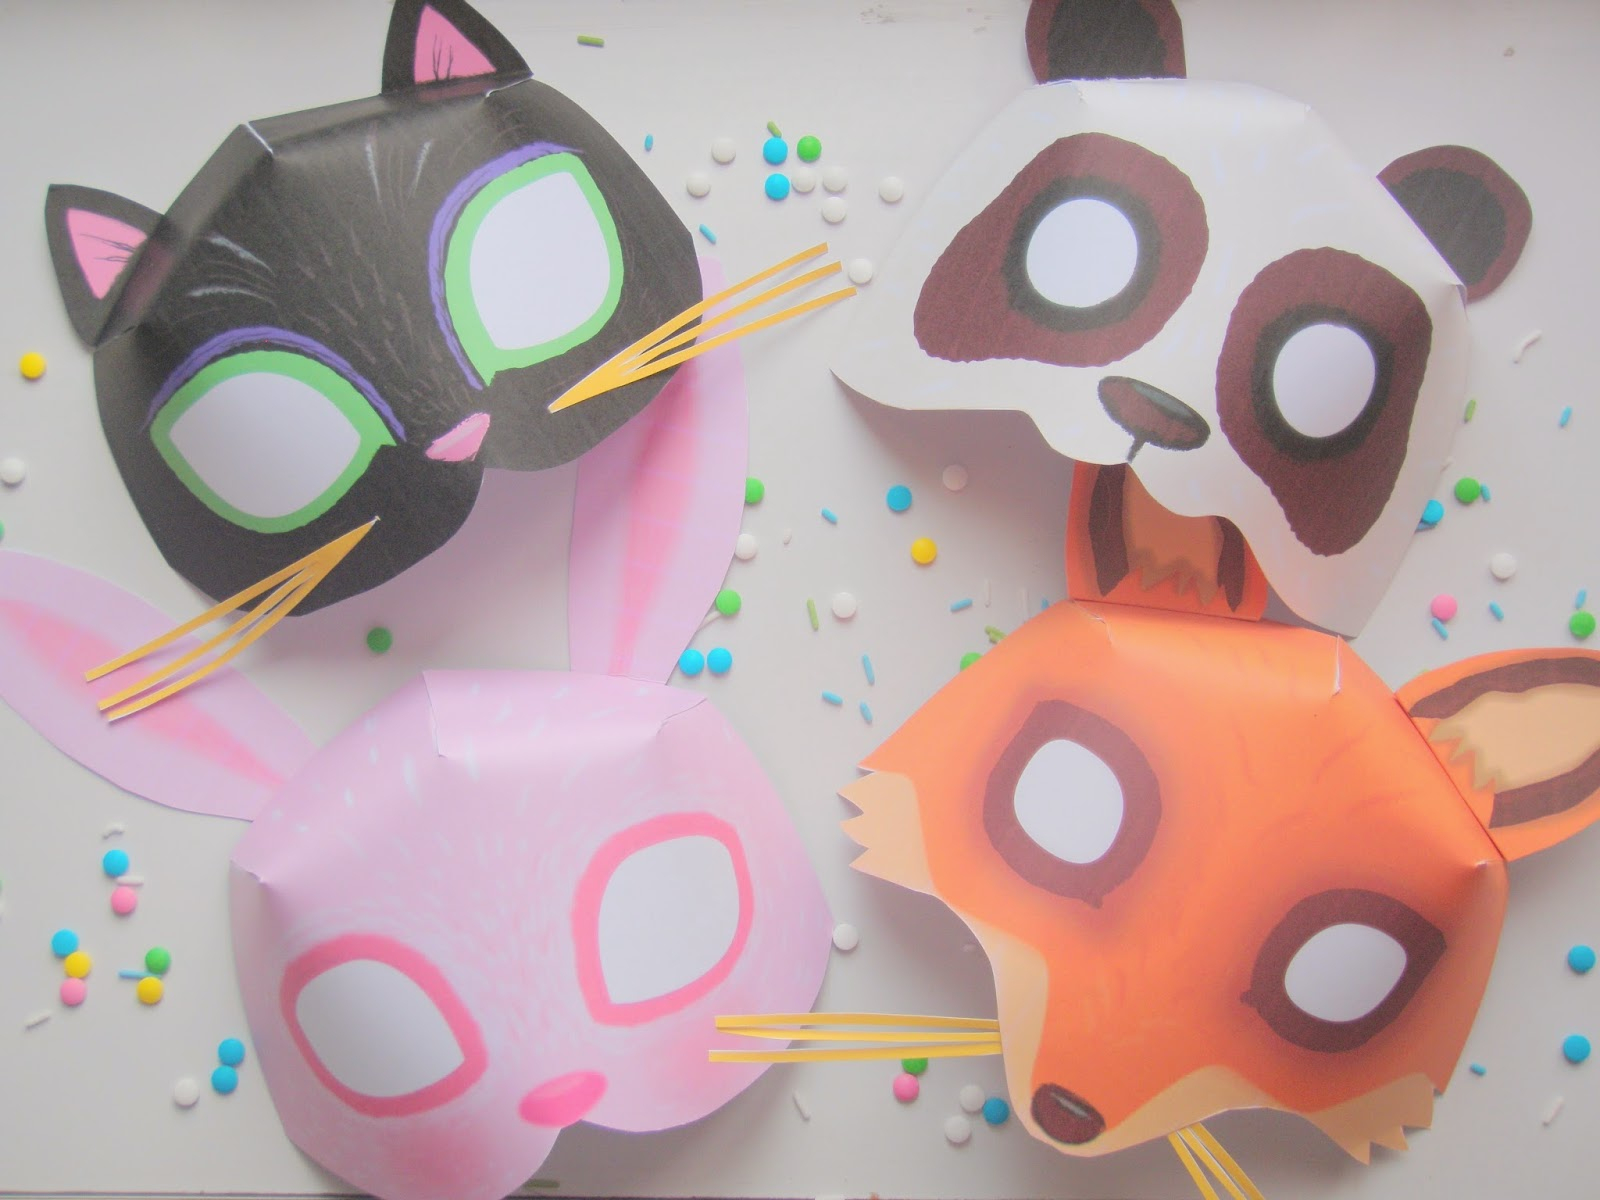 De Jolis Masques À Imprimer Pour Mardi Gras ♥ encequiconcerne Masques Animaux À Imprimer